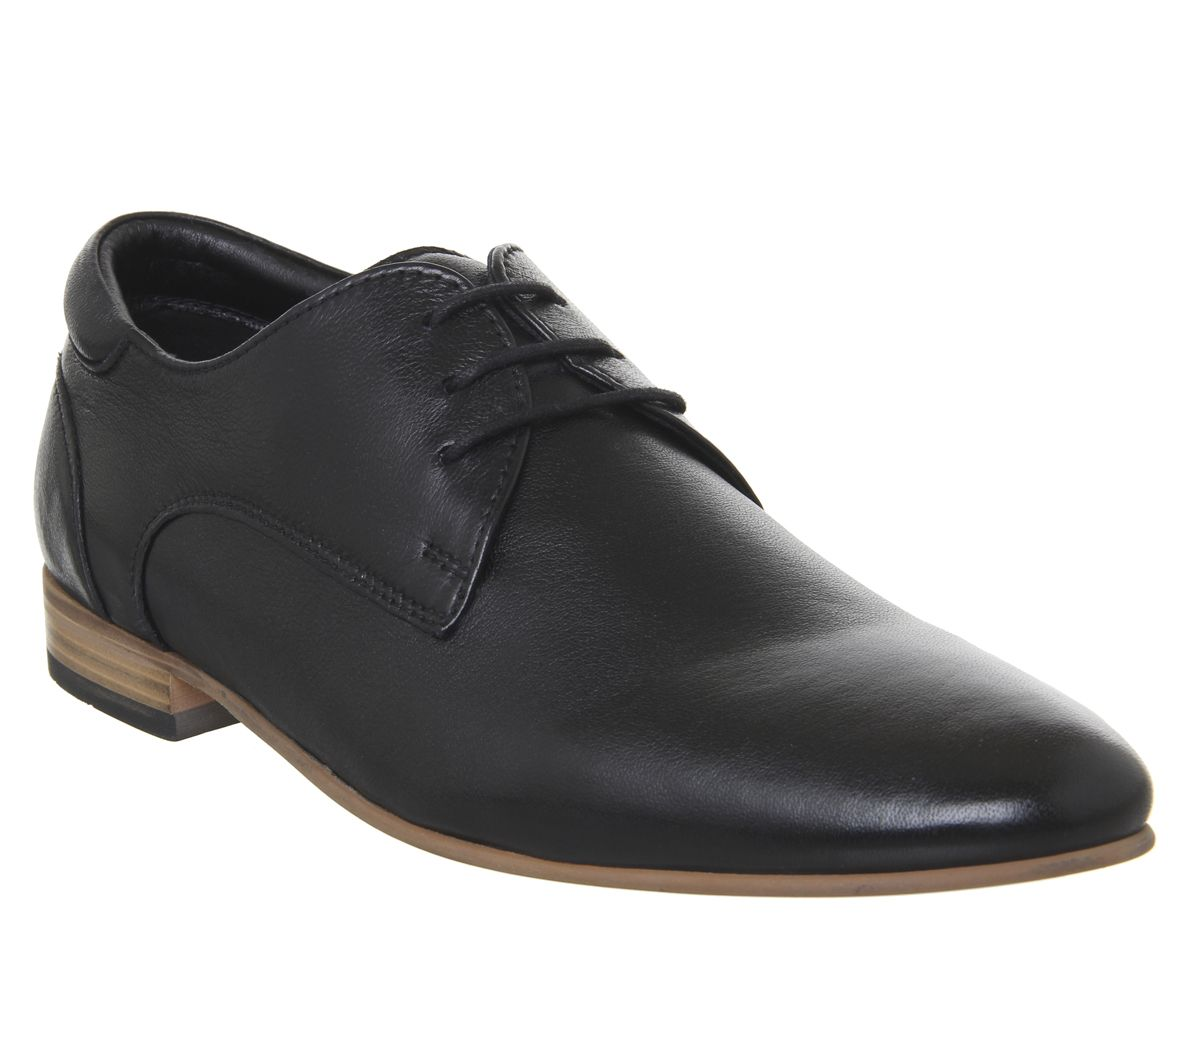 0343c2ce635 Office Laugh Derby Shoes Black Leather - Smart